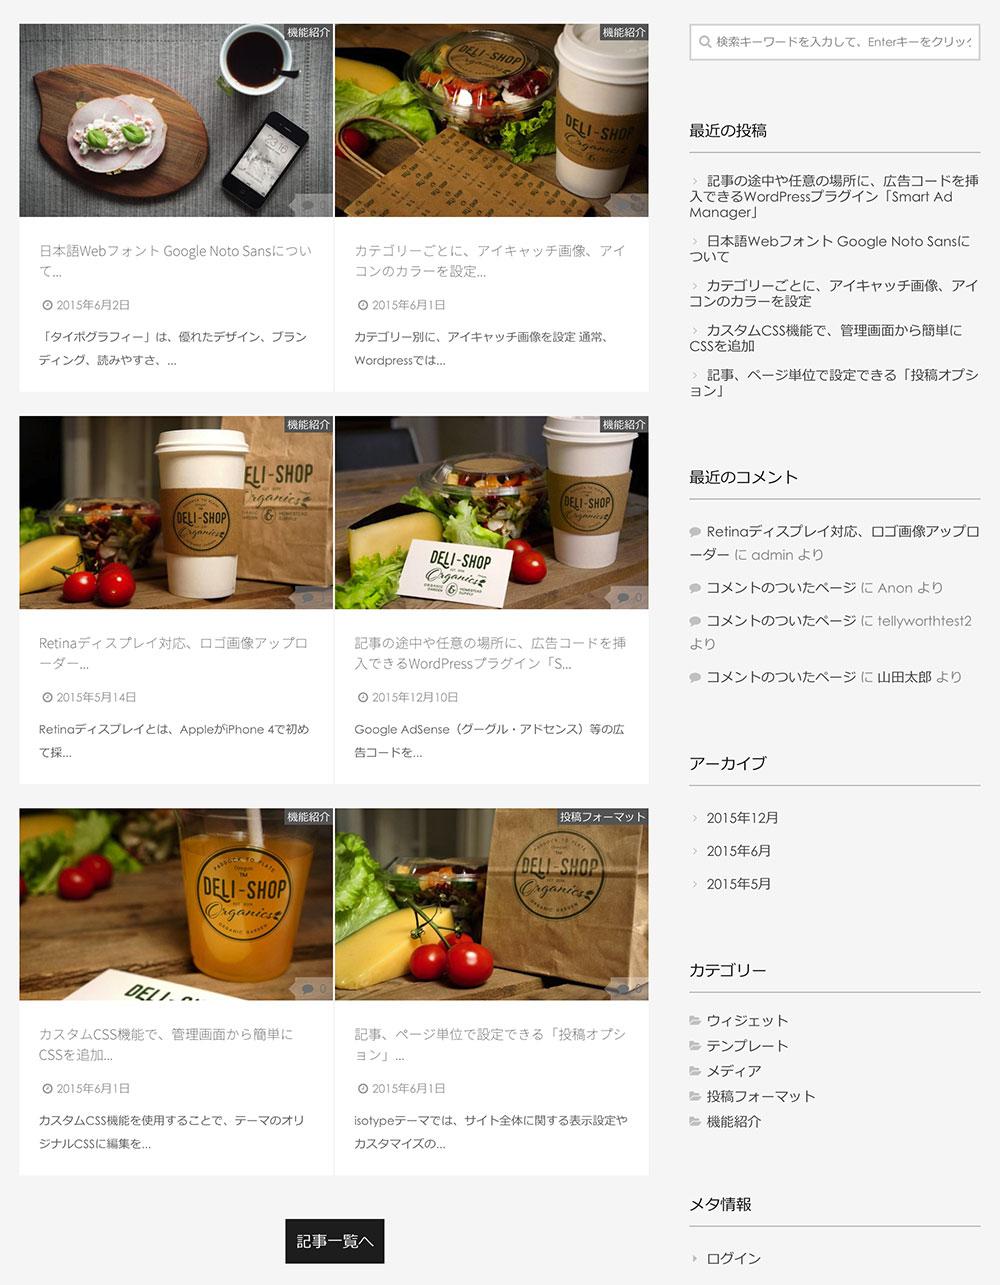 muzik トップページ画面3